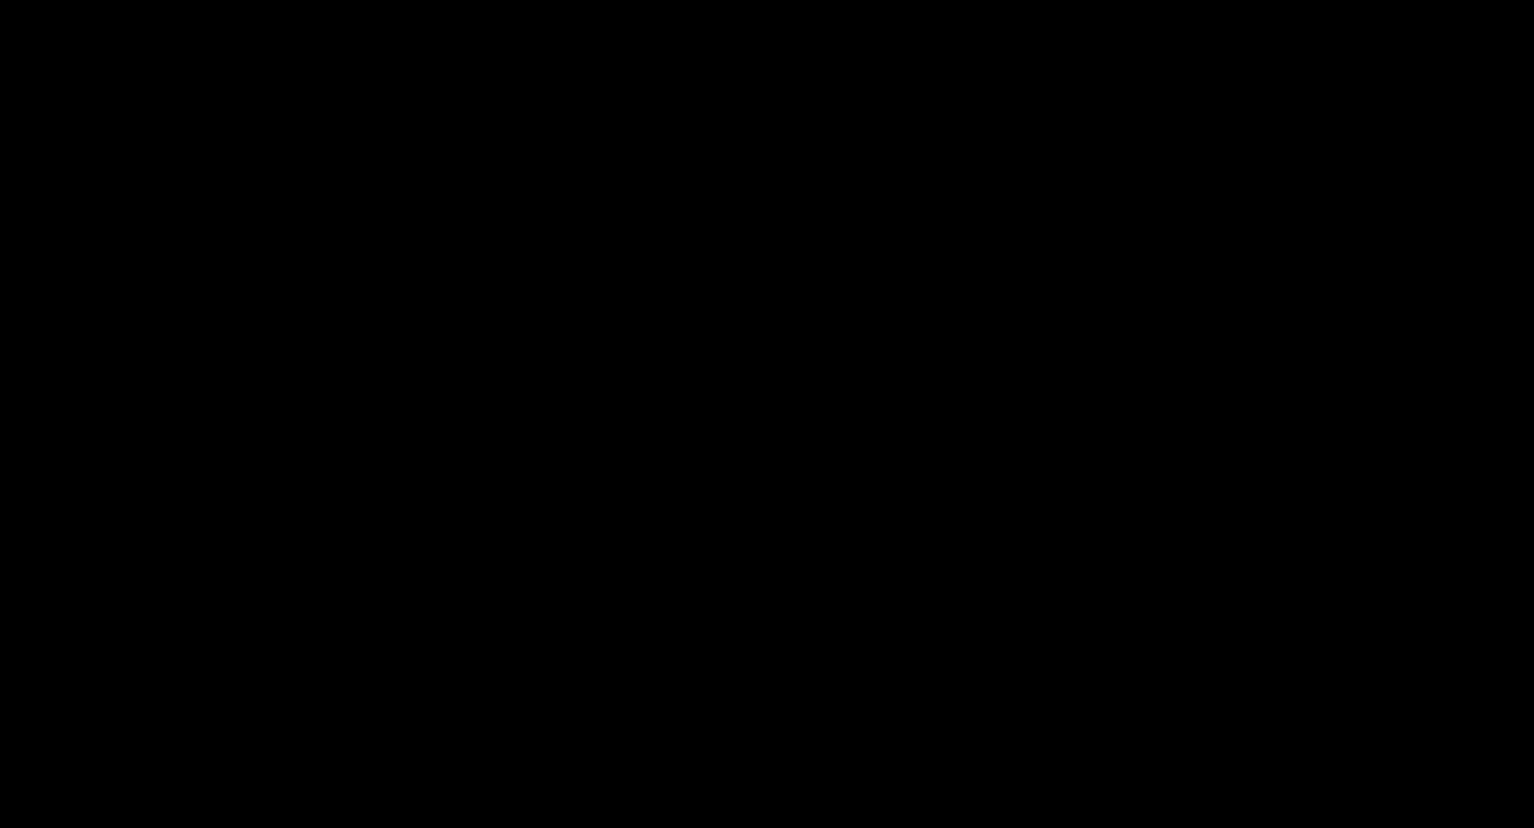 3-Fluoro-5-(methoxycarbonylmethyl)benzeneboronic acid pinacol ester